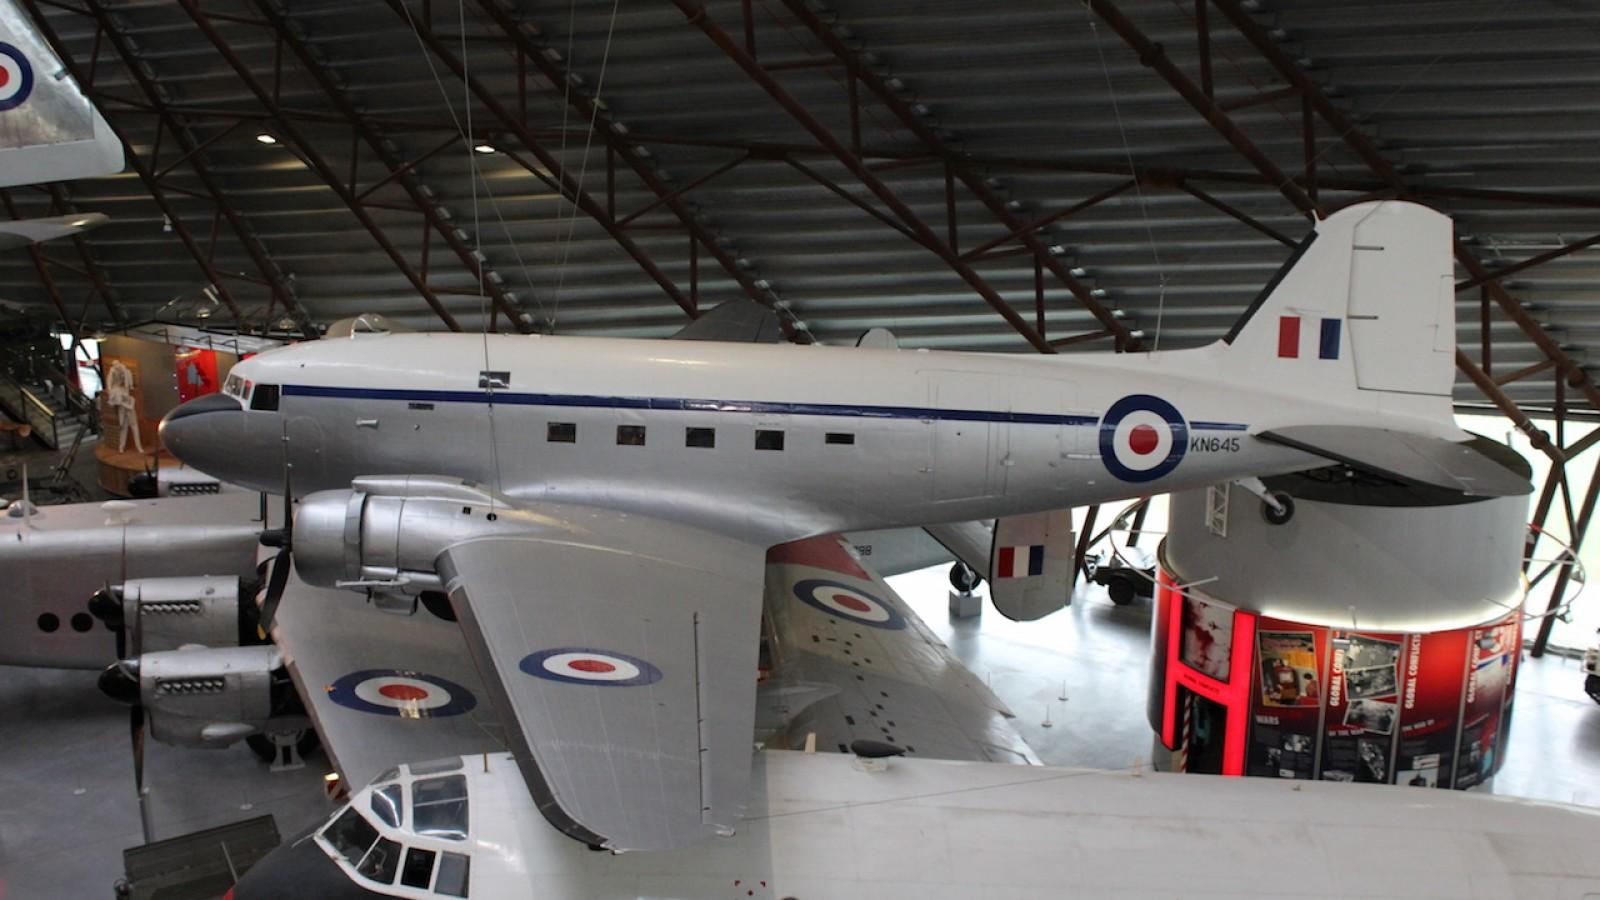 Reportaža: Obilazak vazduhoplovnog muzeja Kosford